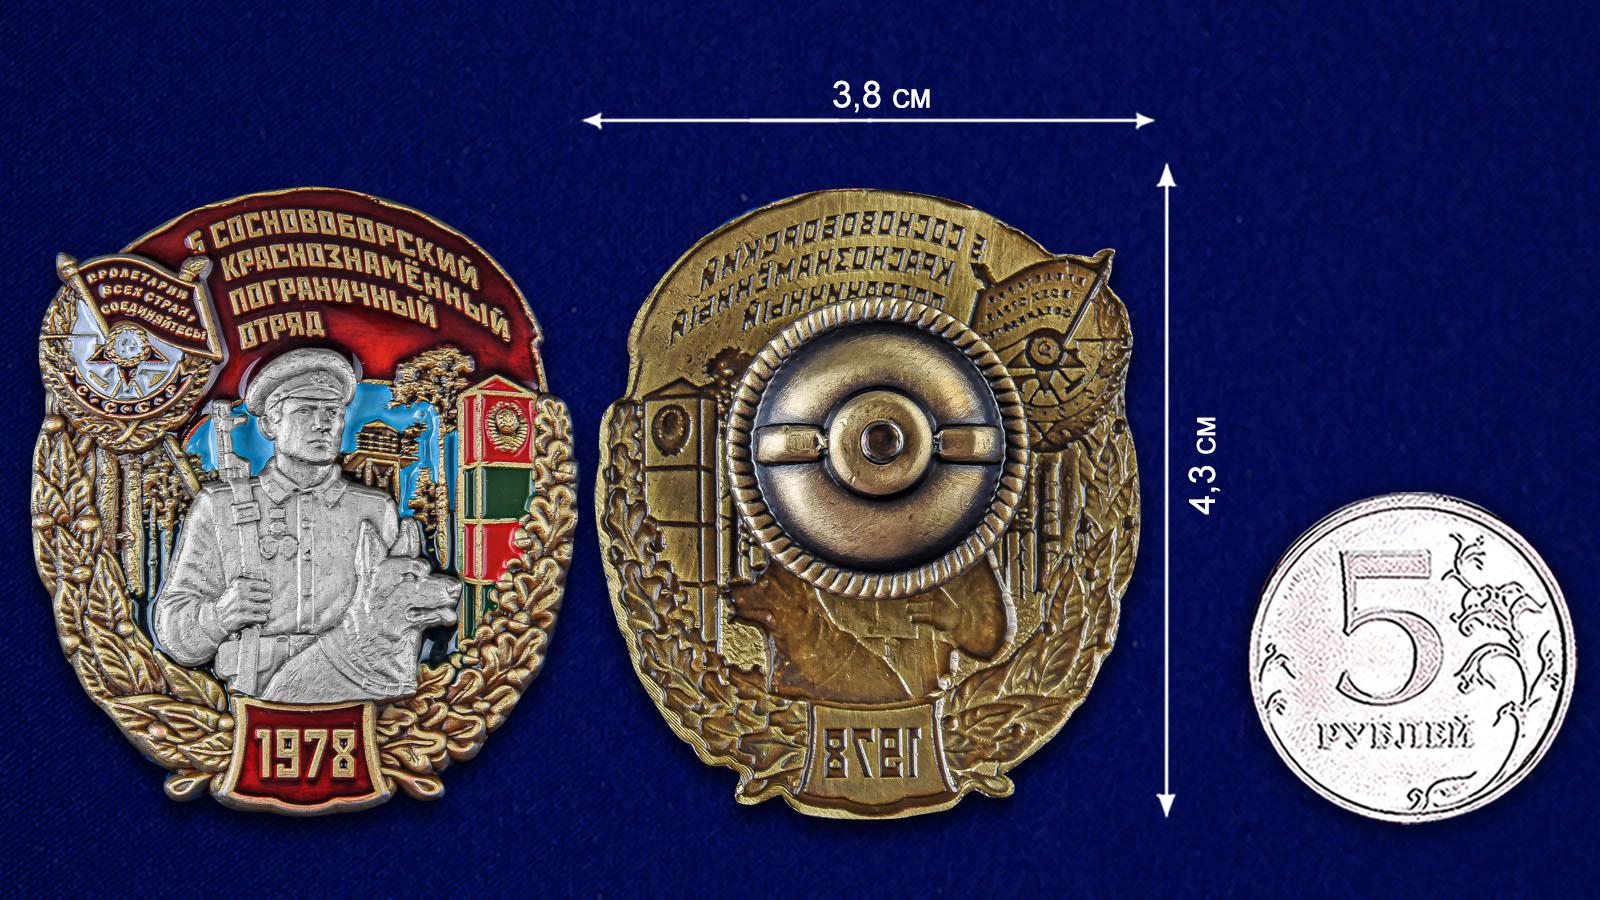 Латунный знак 5 Сосновоборский Краснознамённый пограничный отряд - сравнительный вид